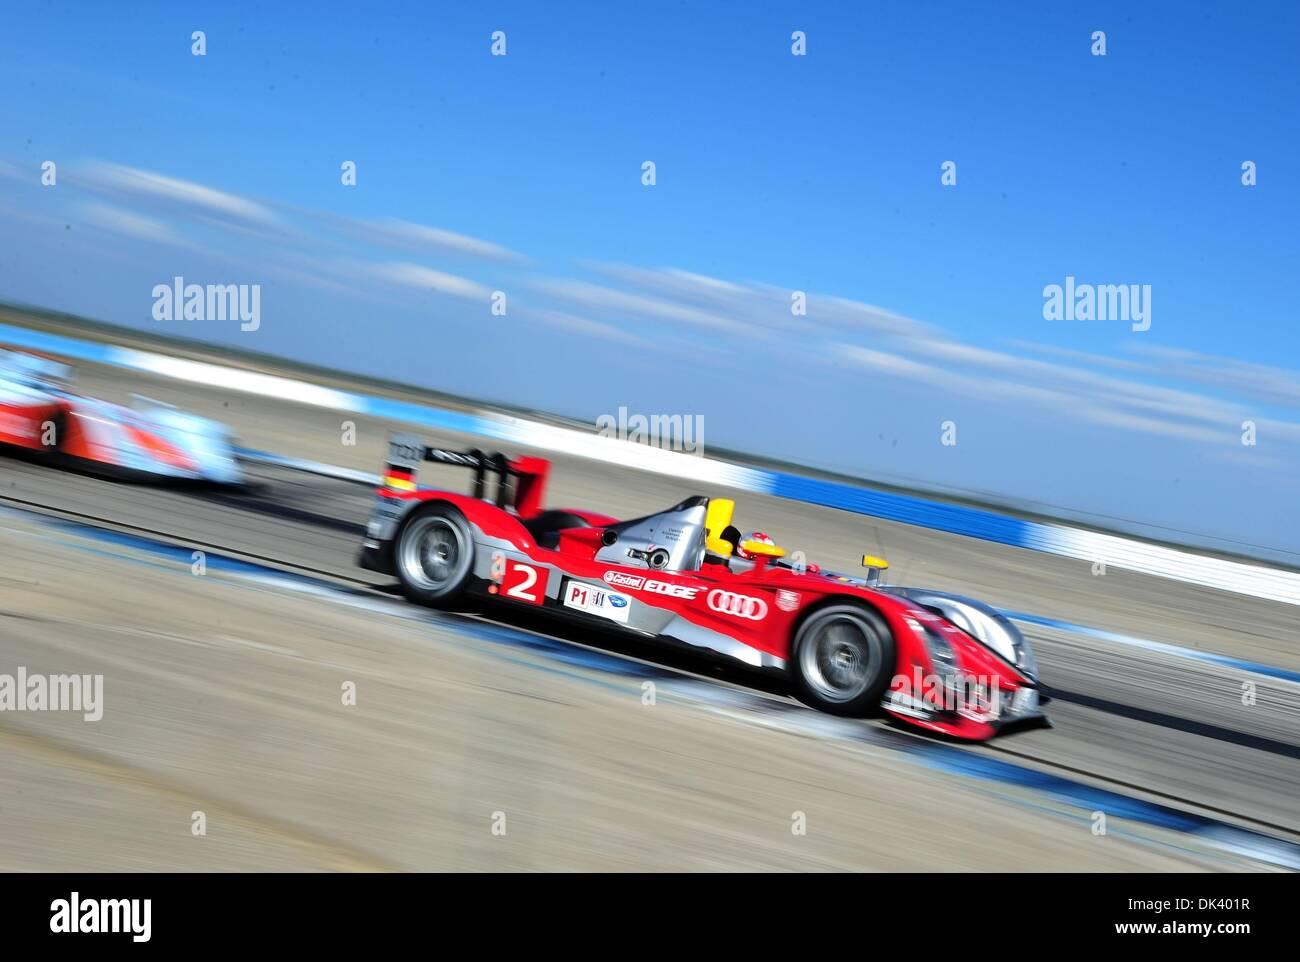 14. März 2011 - treibt Sebring, Florida, USA - Audi Sport Fahrer RINALDO CAPELLO, Italiens, der R15 Plus während der Tests für die 12 Stunden von Sebring. (Kredit-Bild: © Rainier Ehrhardt/ZUMApress.com) Stockbild